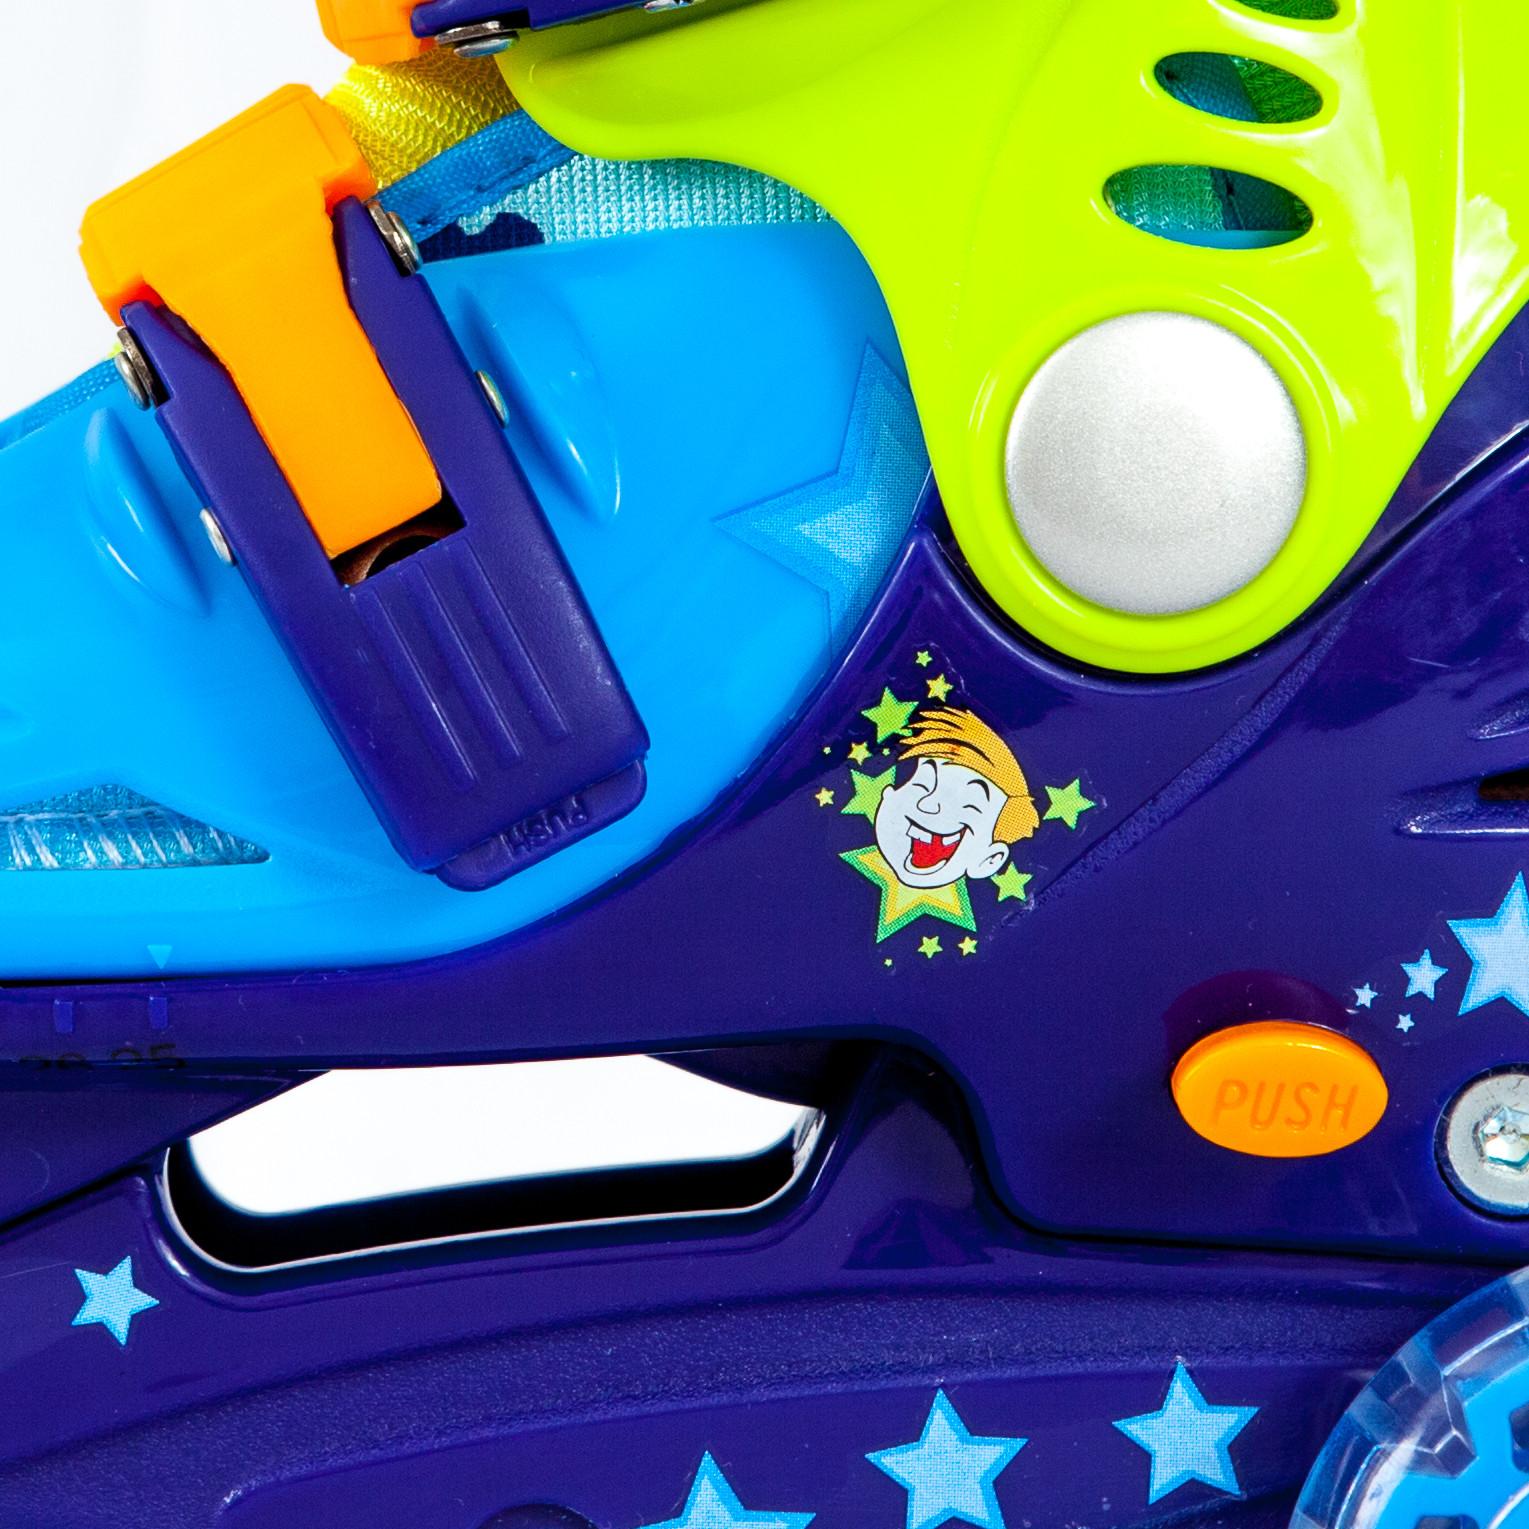 Ролики детские 26 размер, для обучения (трехколесные, раздвижной ботинок) MagicWheels зеленые, - фото 3